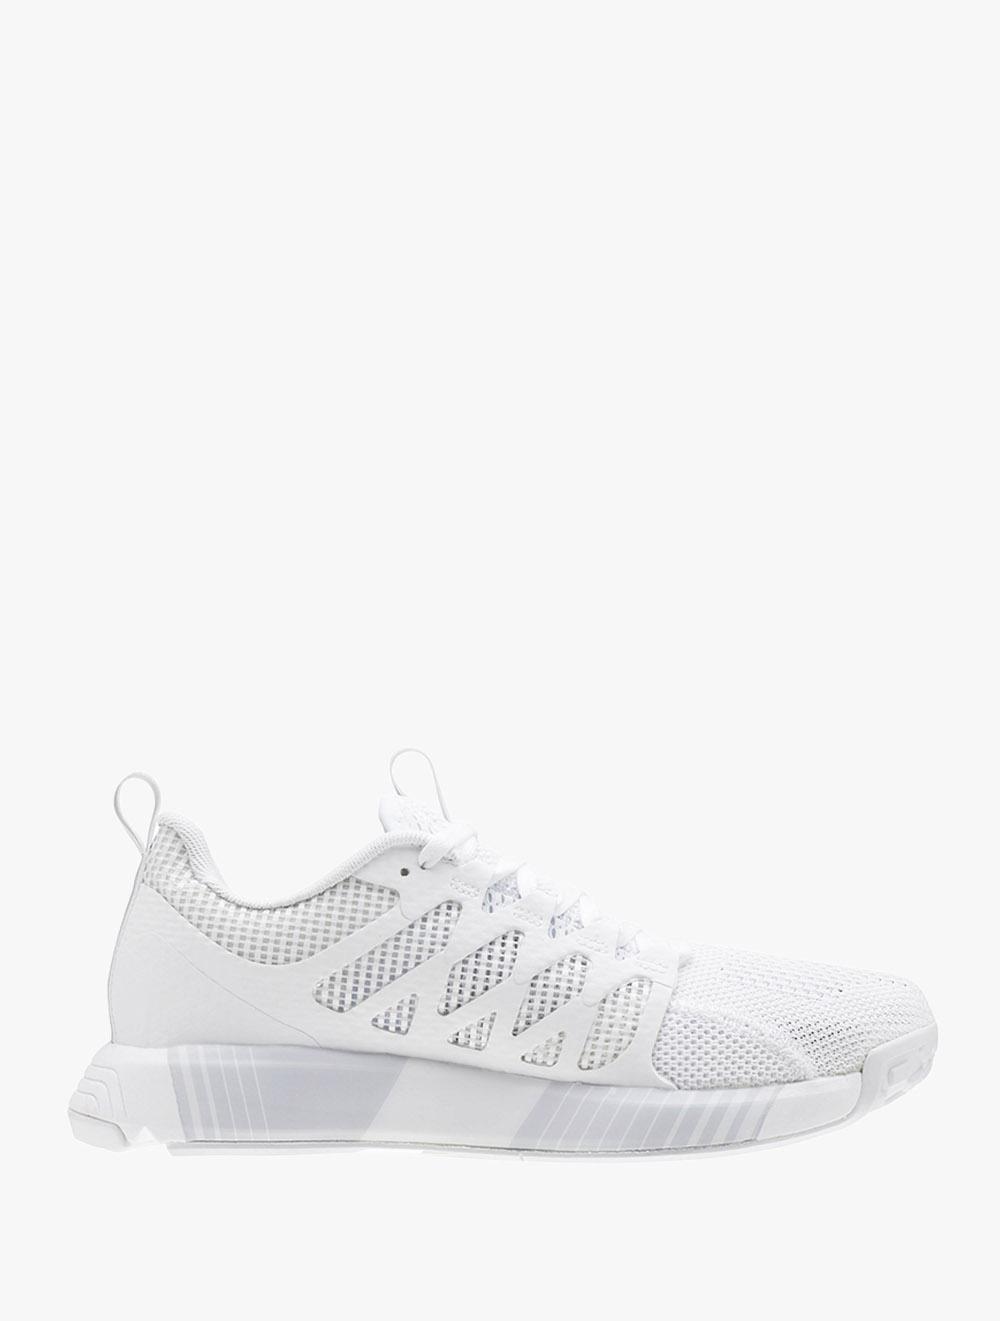 Nike Sportive Rebook Scarpe Pqxw5 Goretex Xo1qf Adidas UZnw1qS